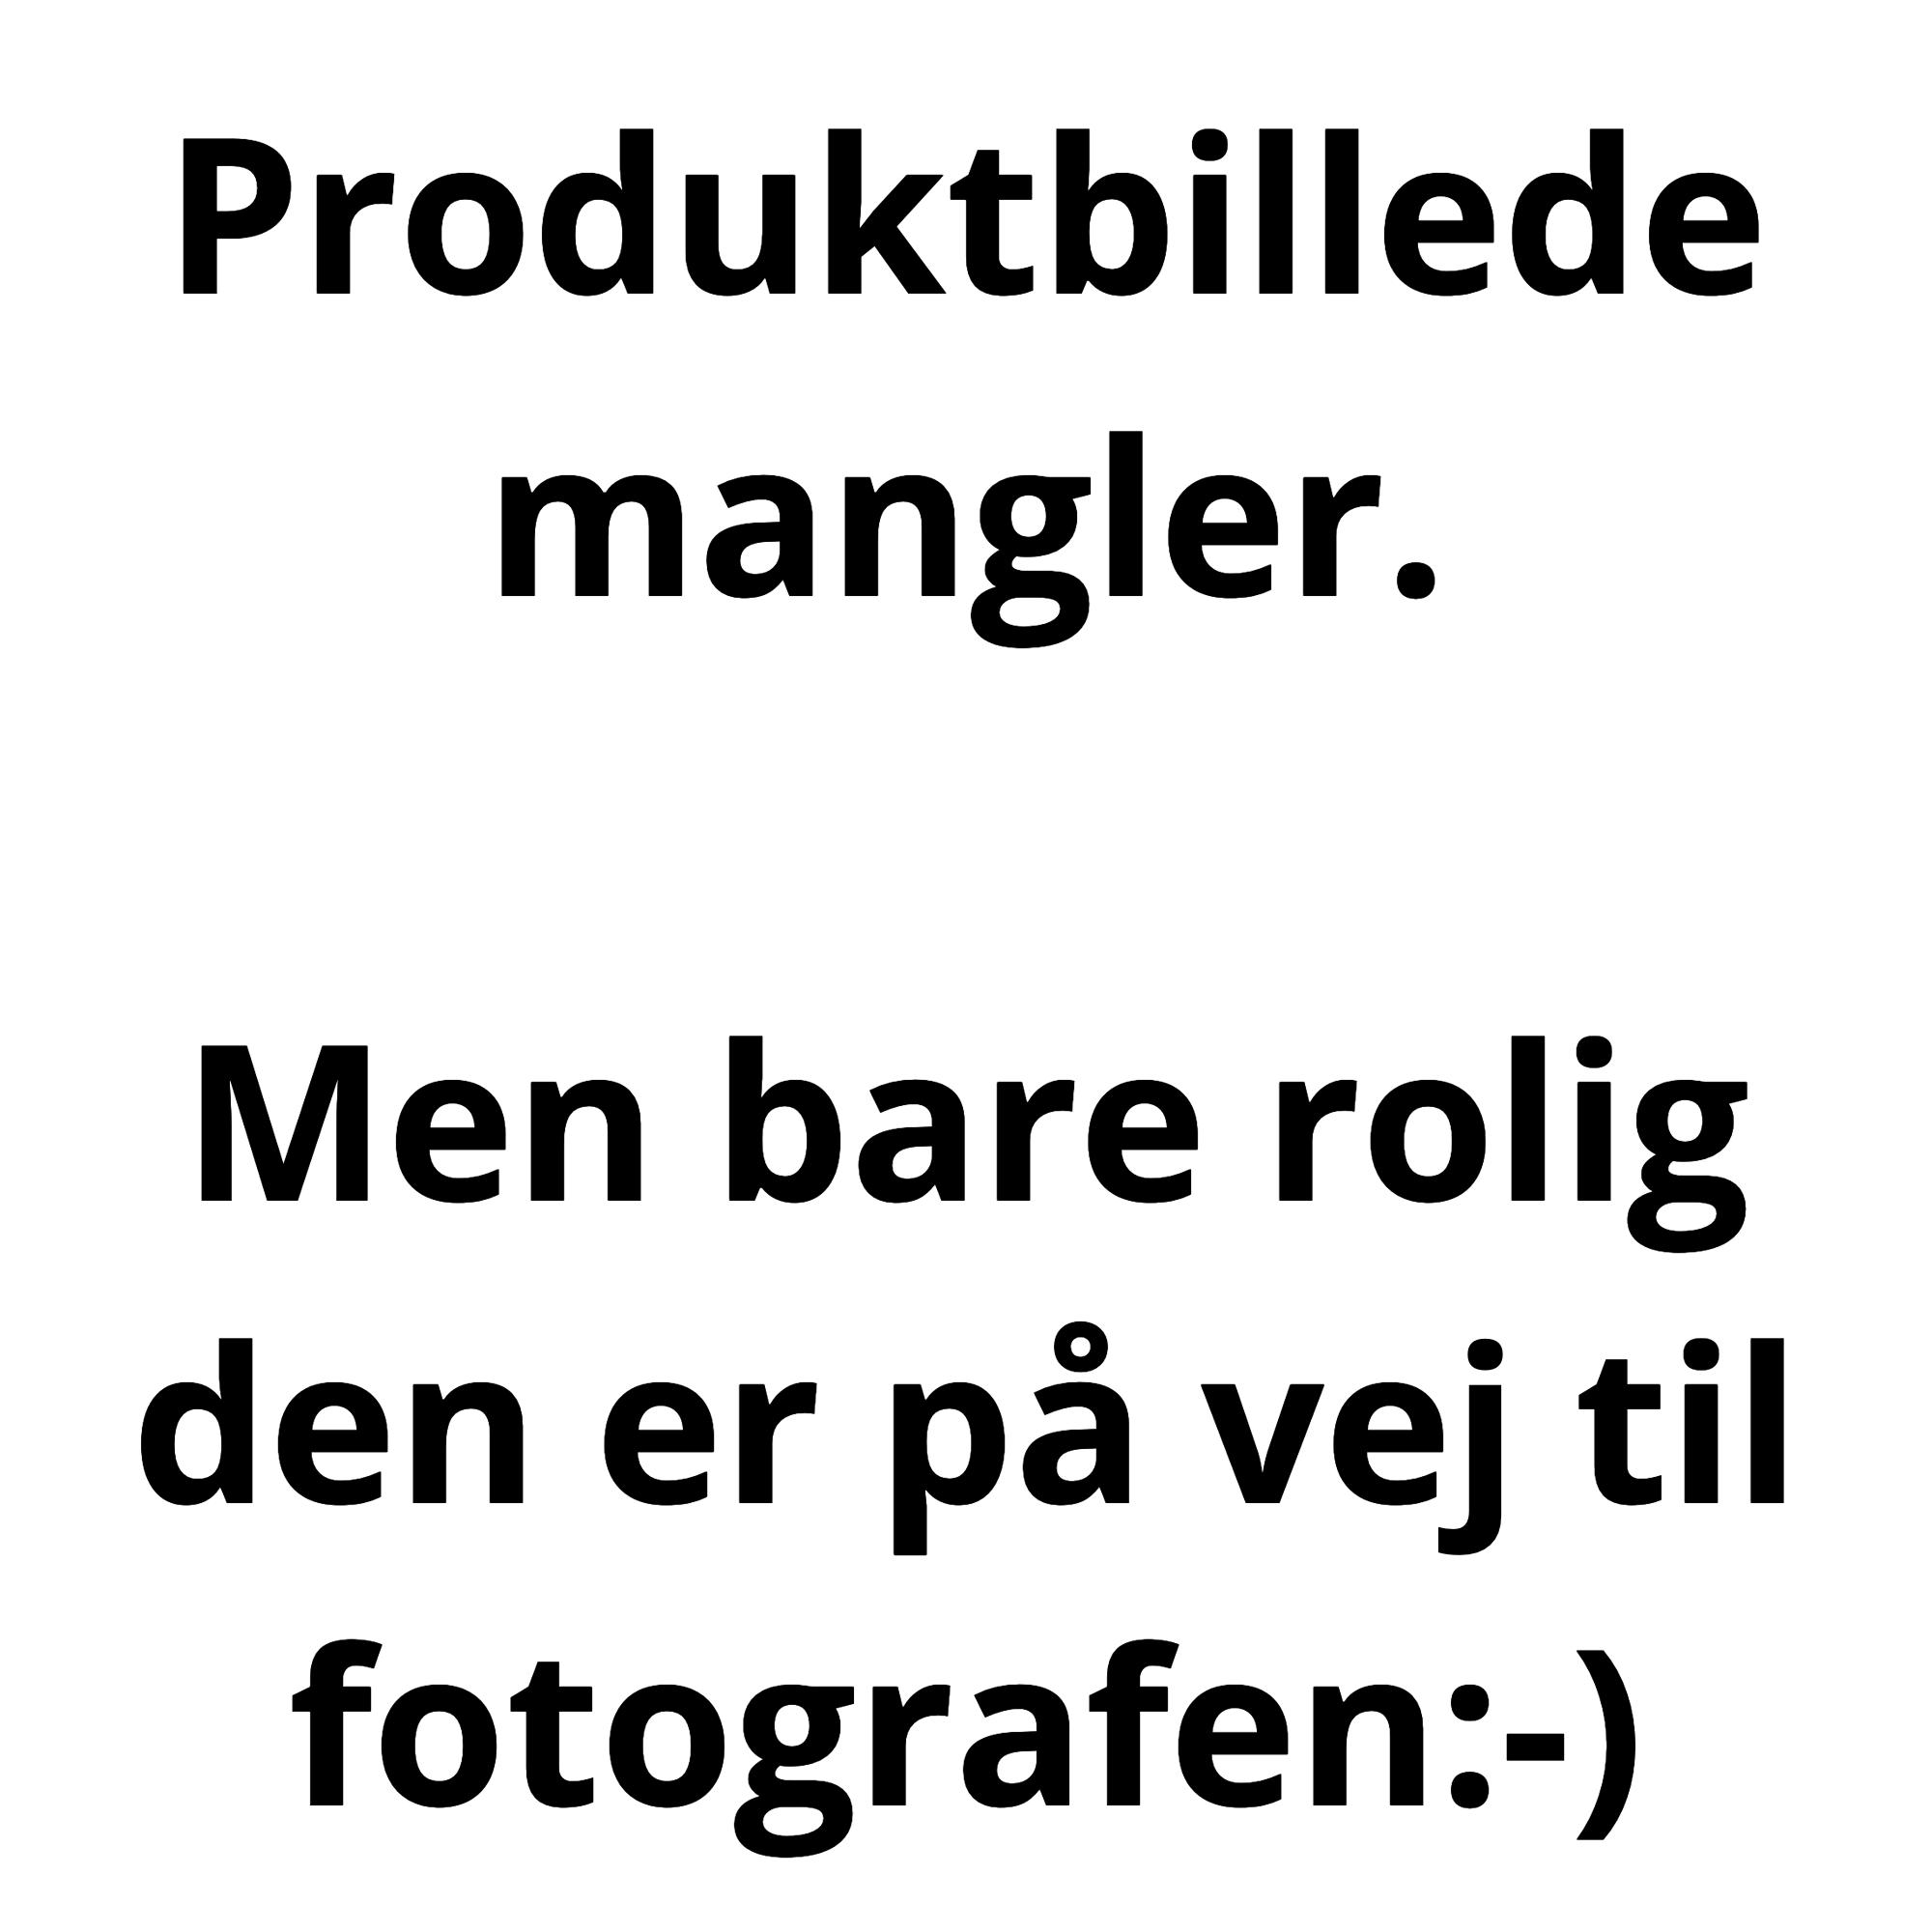 """Case Mate Beskyttelsesfolie til Apple iPhone 6 Plus (5,5"""") - 2 stk."""